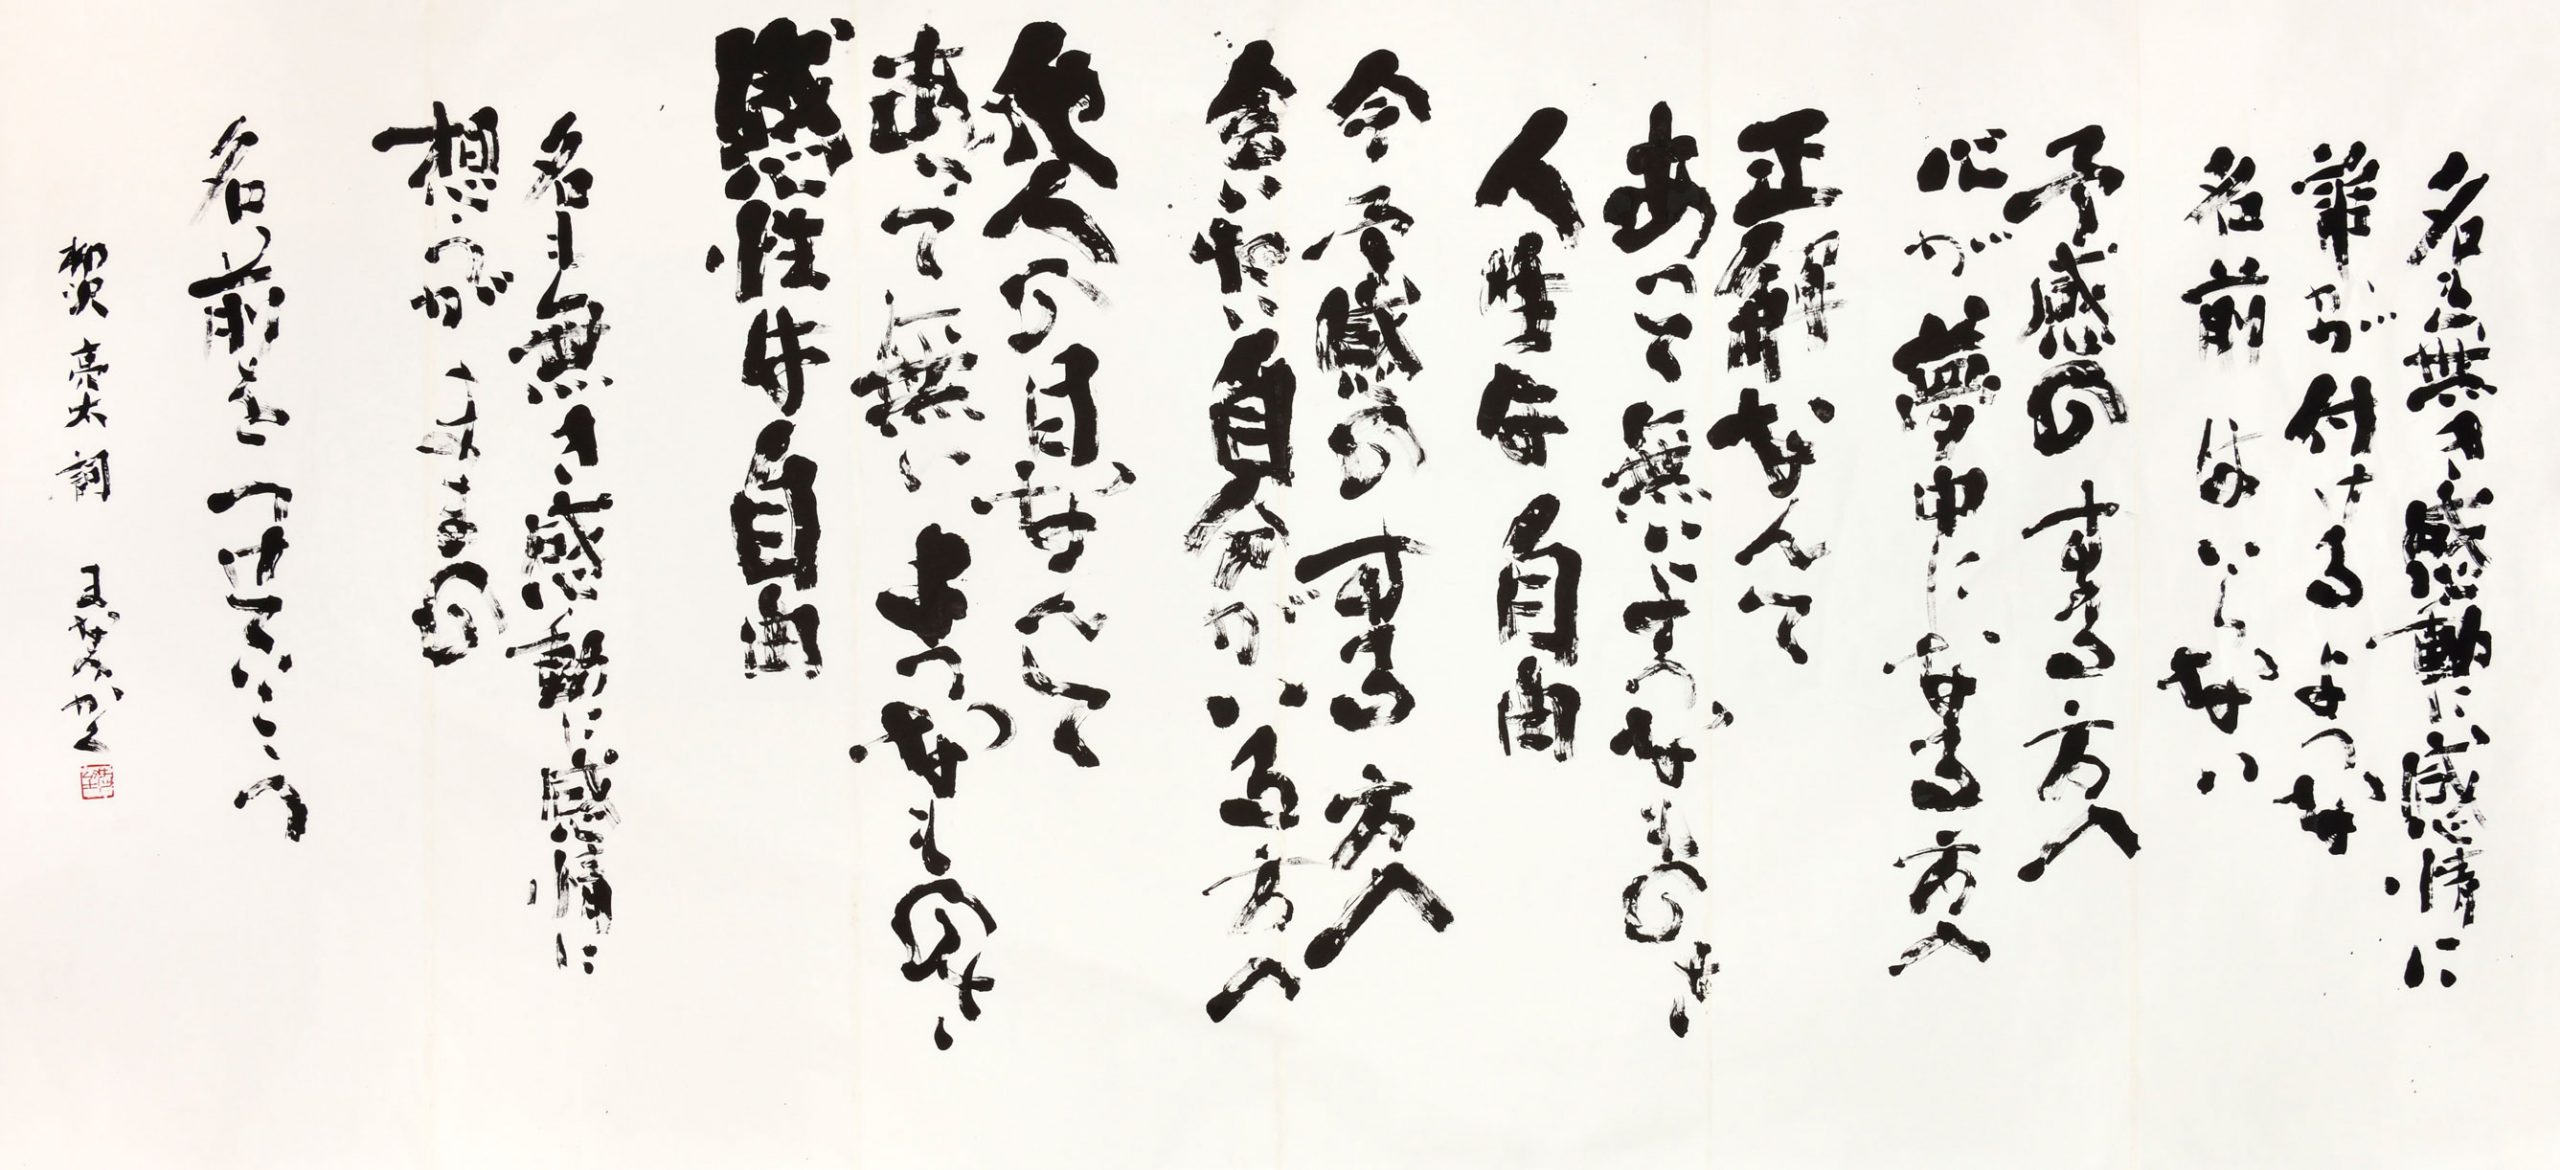 柳沢亮太「予感」より